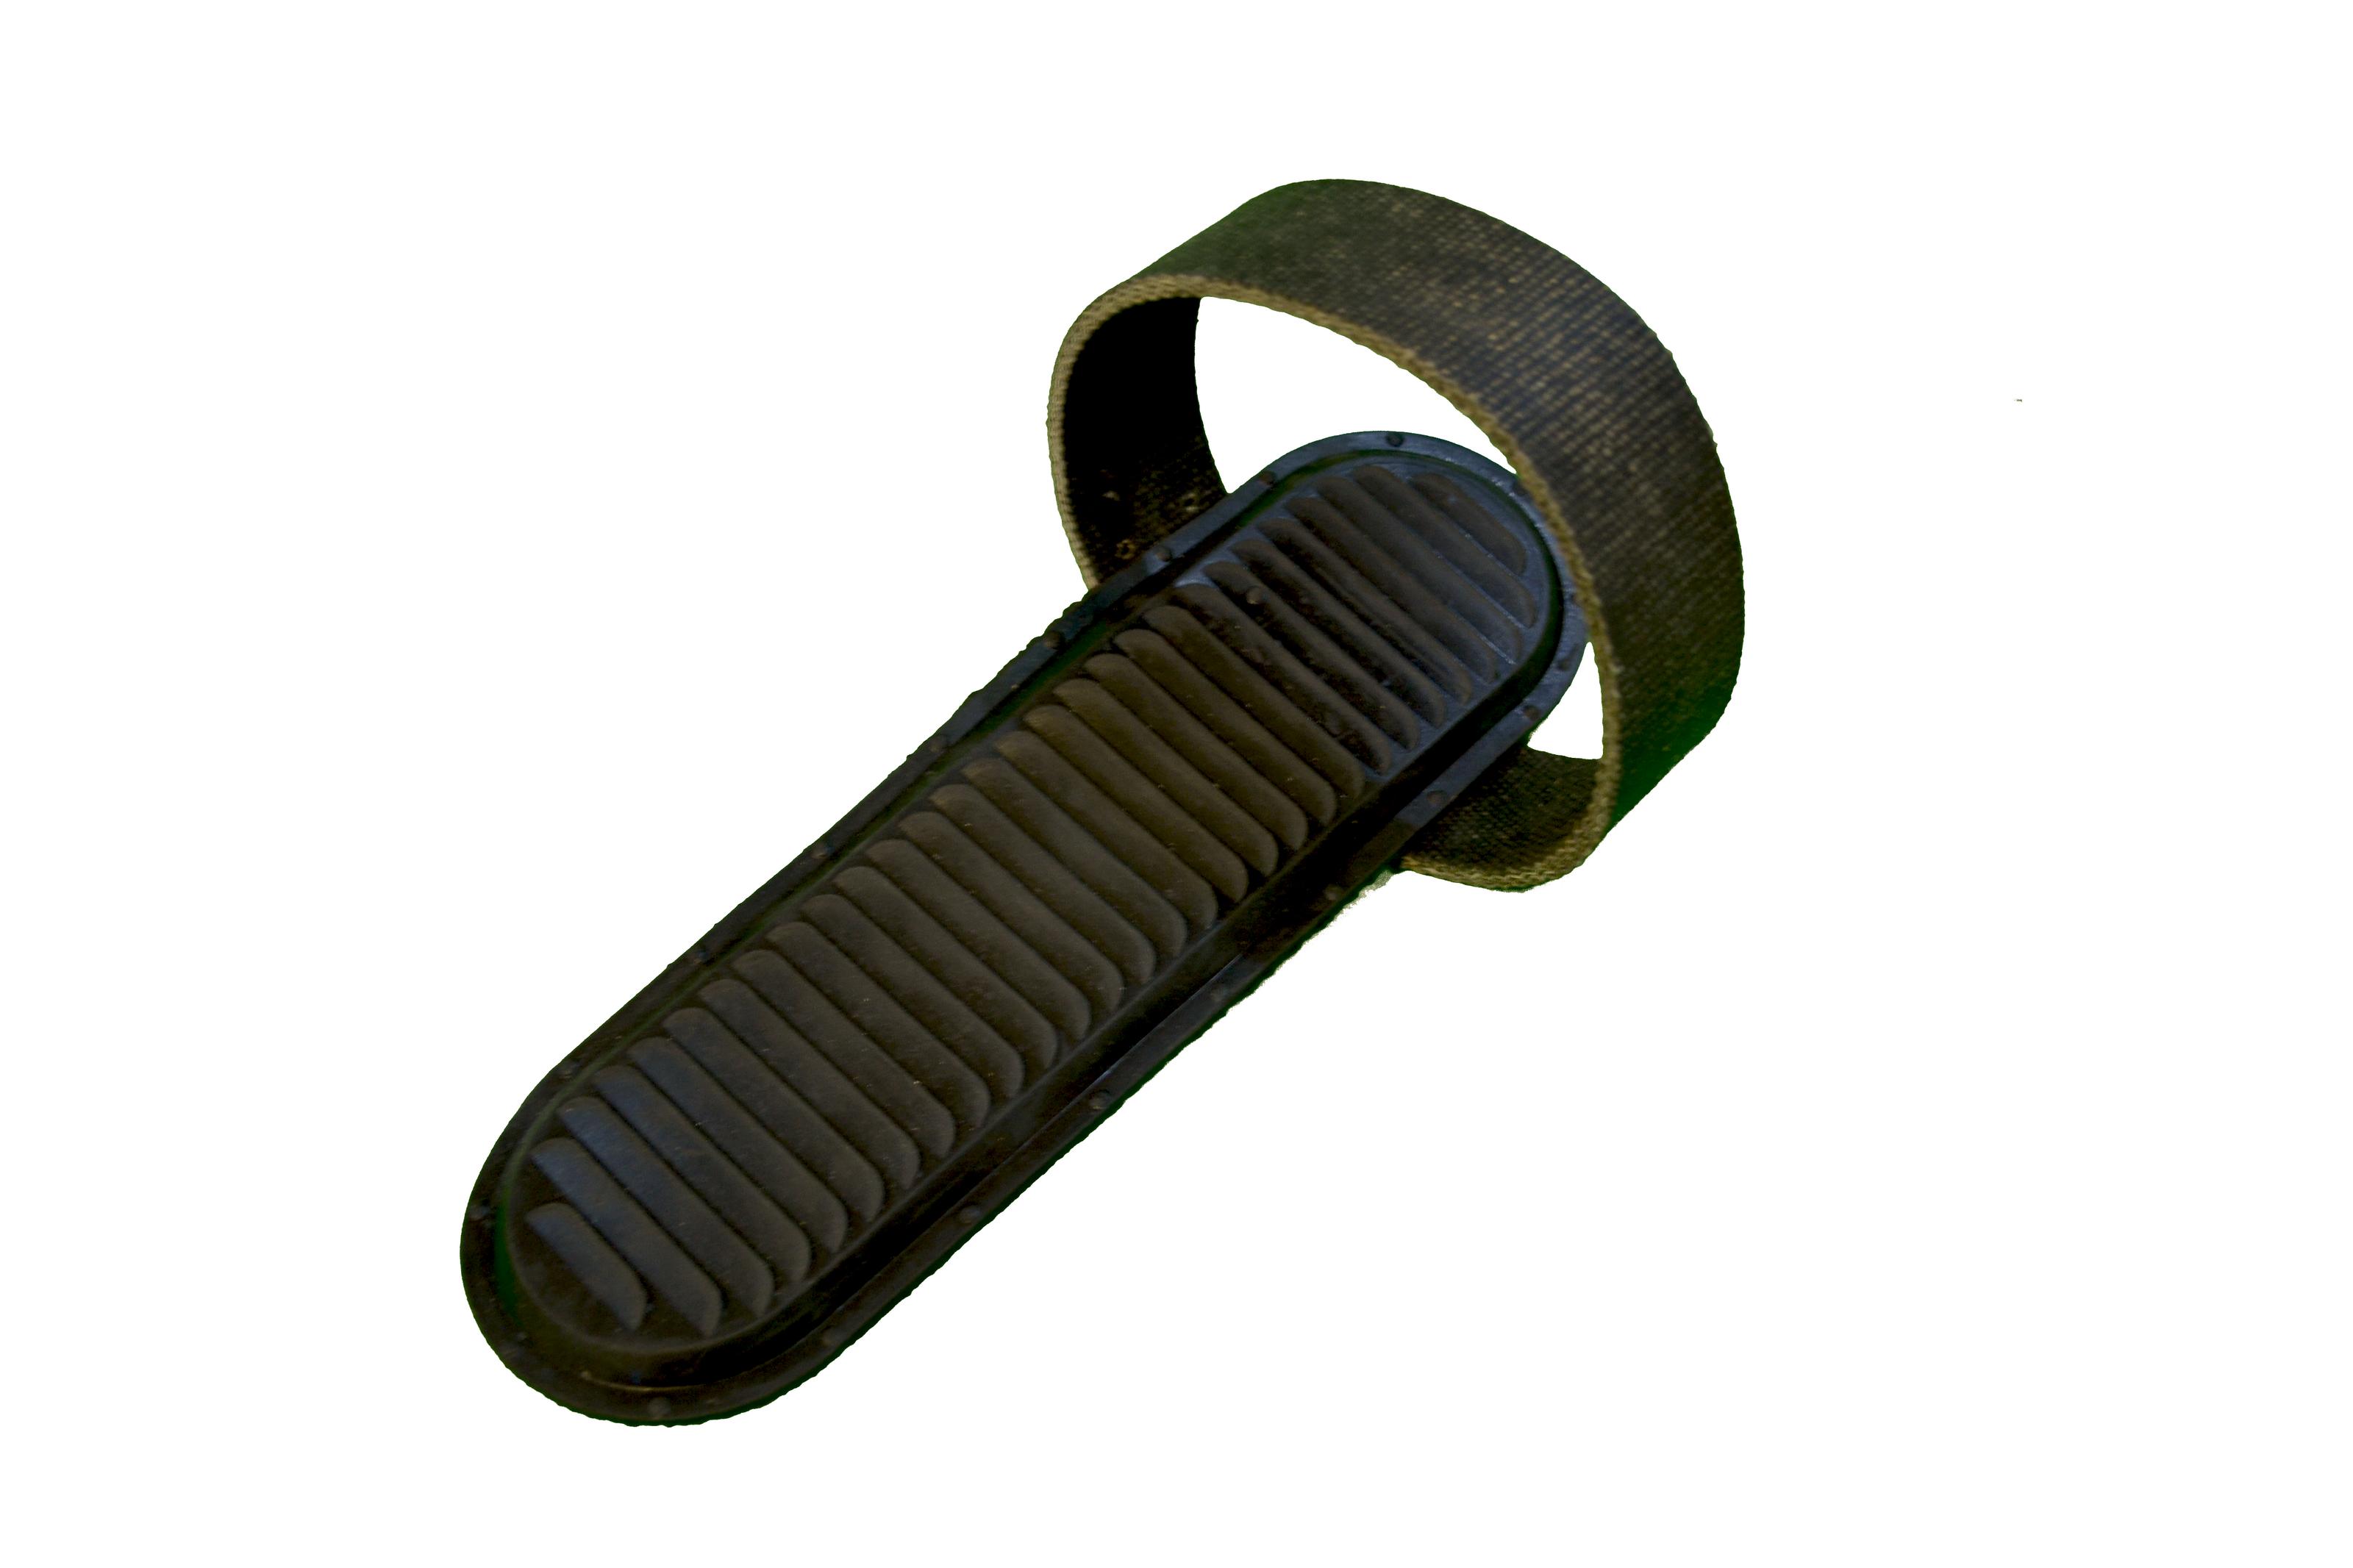 c6e51d2ac606 ... Крепление транспортерная лента с резиновой накладкой ТРЛ-Р